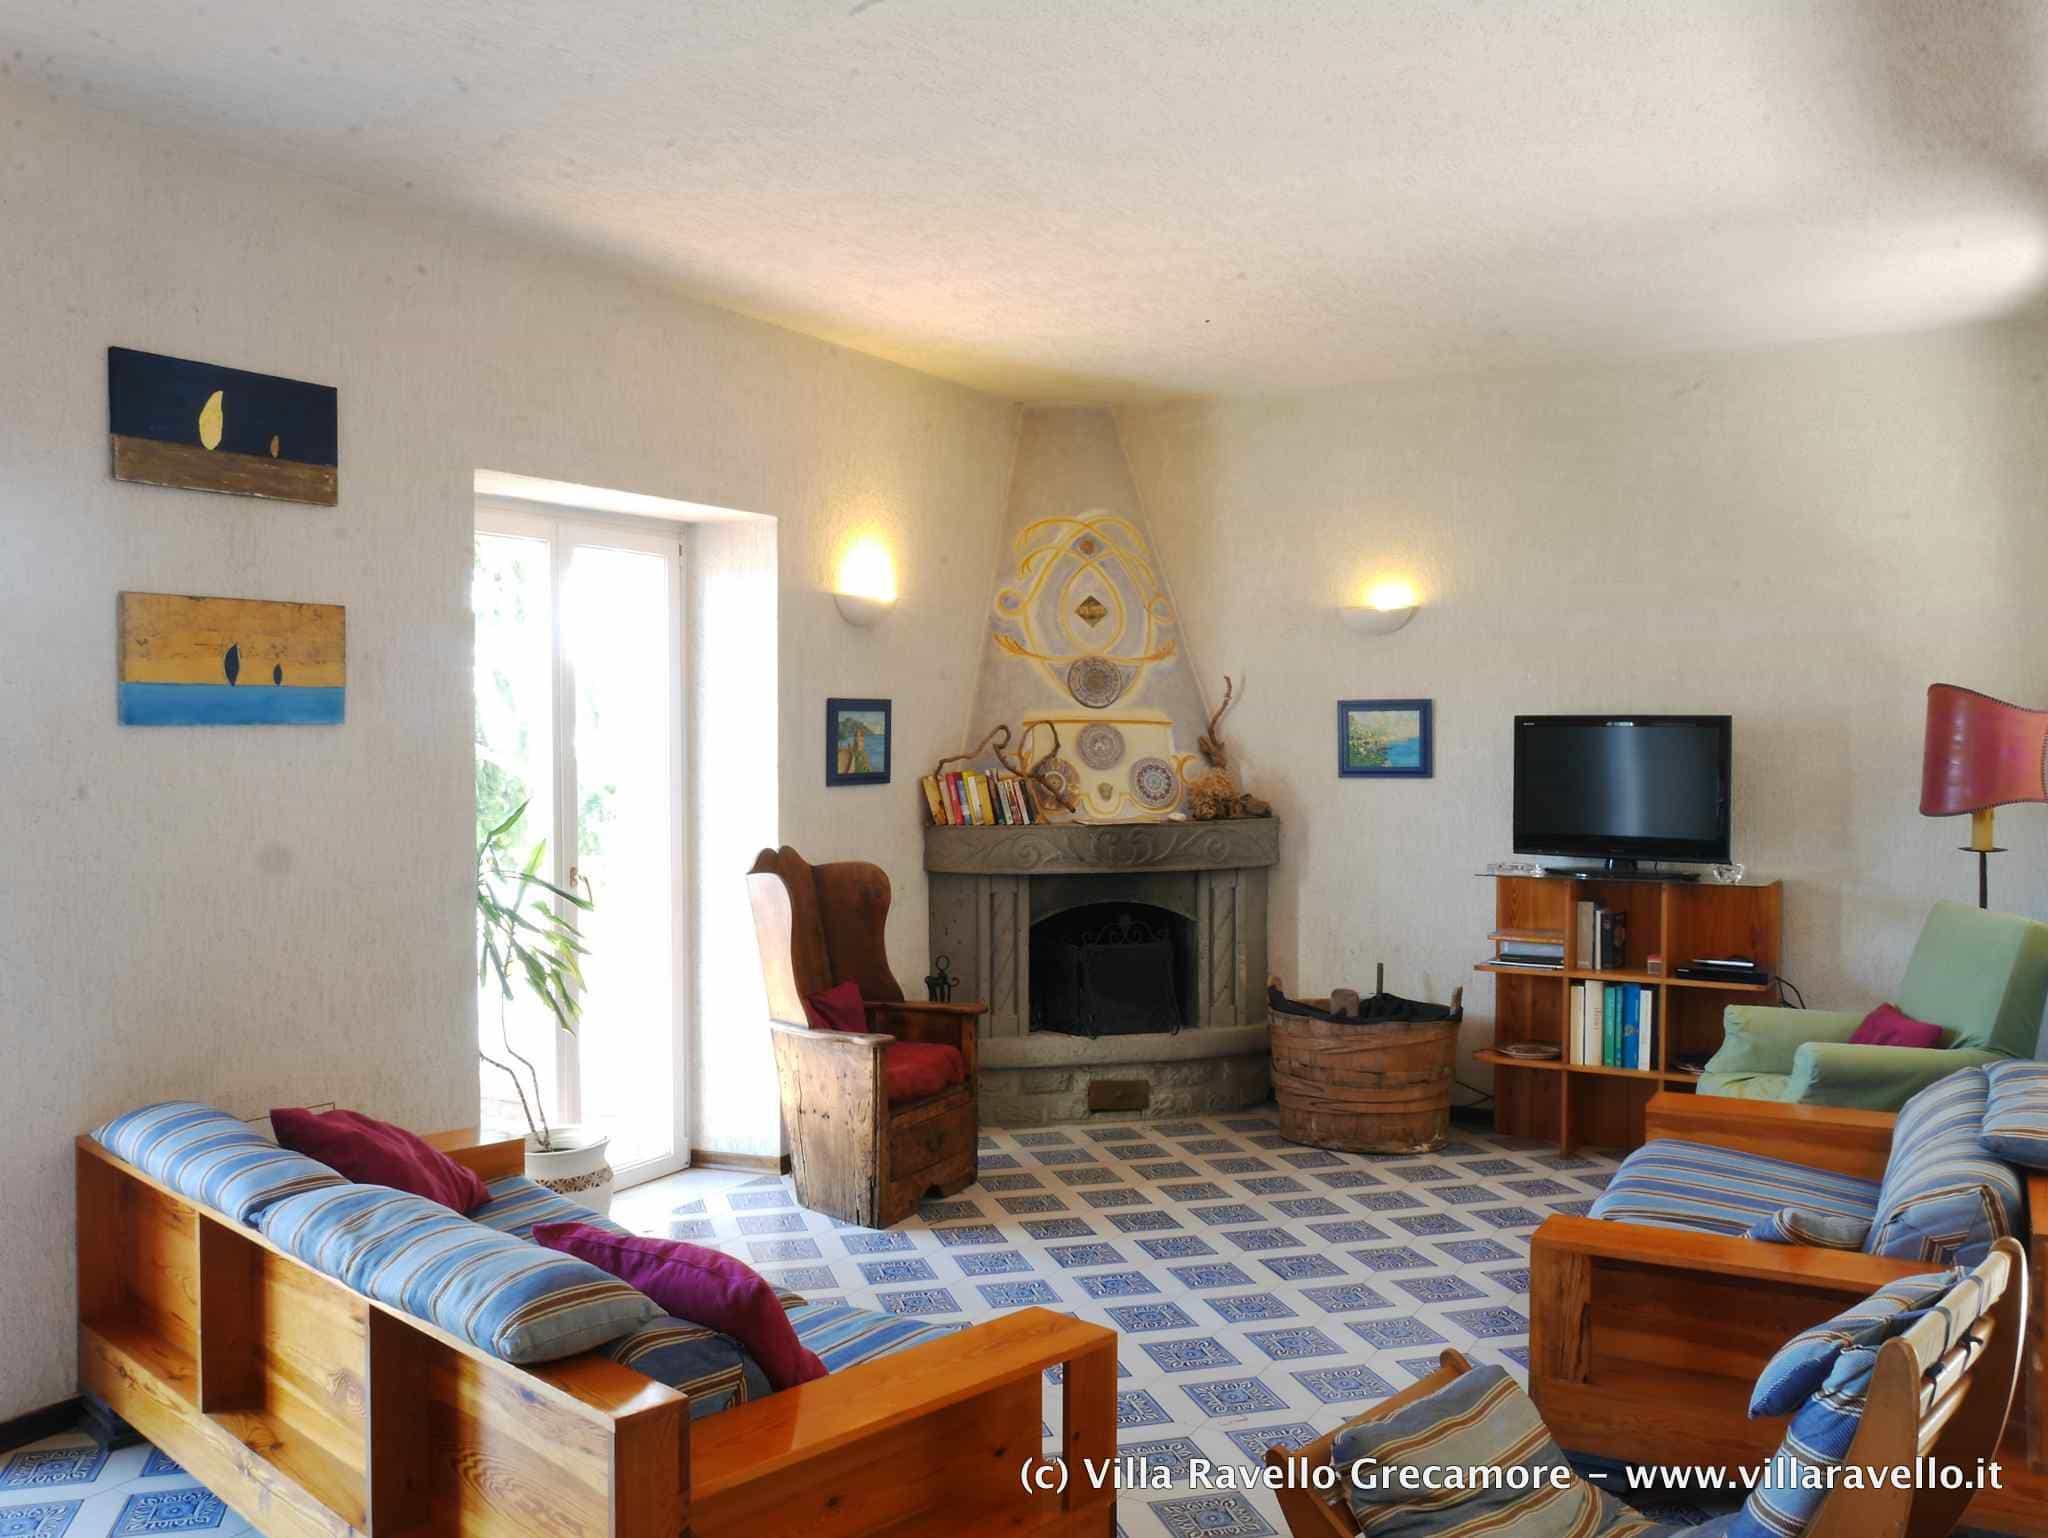 Villa Ravello Grecamore - main lounge